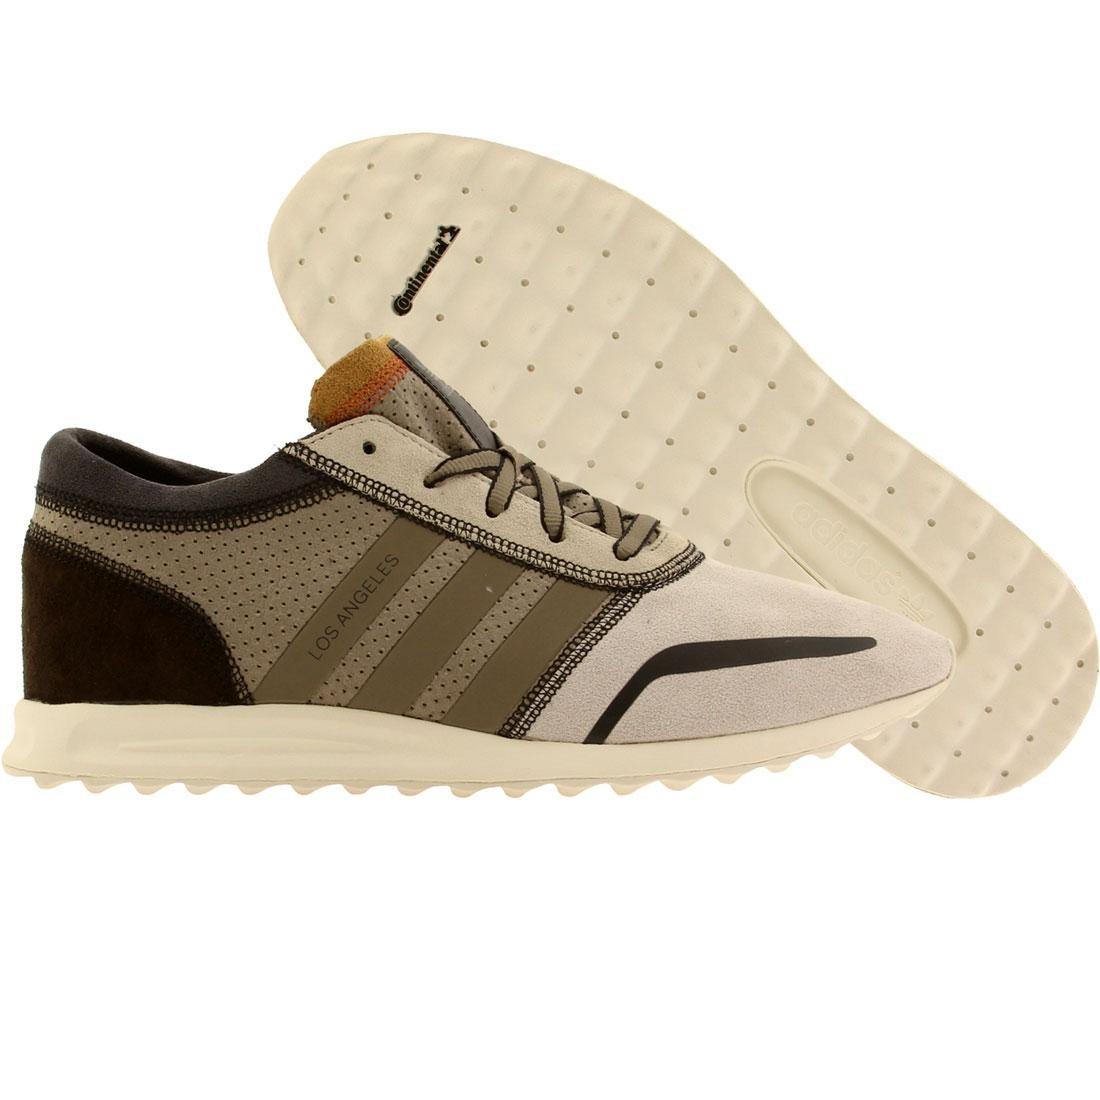 【海外限定】アディダス 茶 ブラウン コア スニーカー メンズ靴 【 ADIDAS BROWN MEN LOS ANGELES GRAY LIGHT CORE BLACK 】